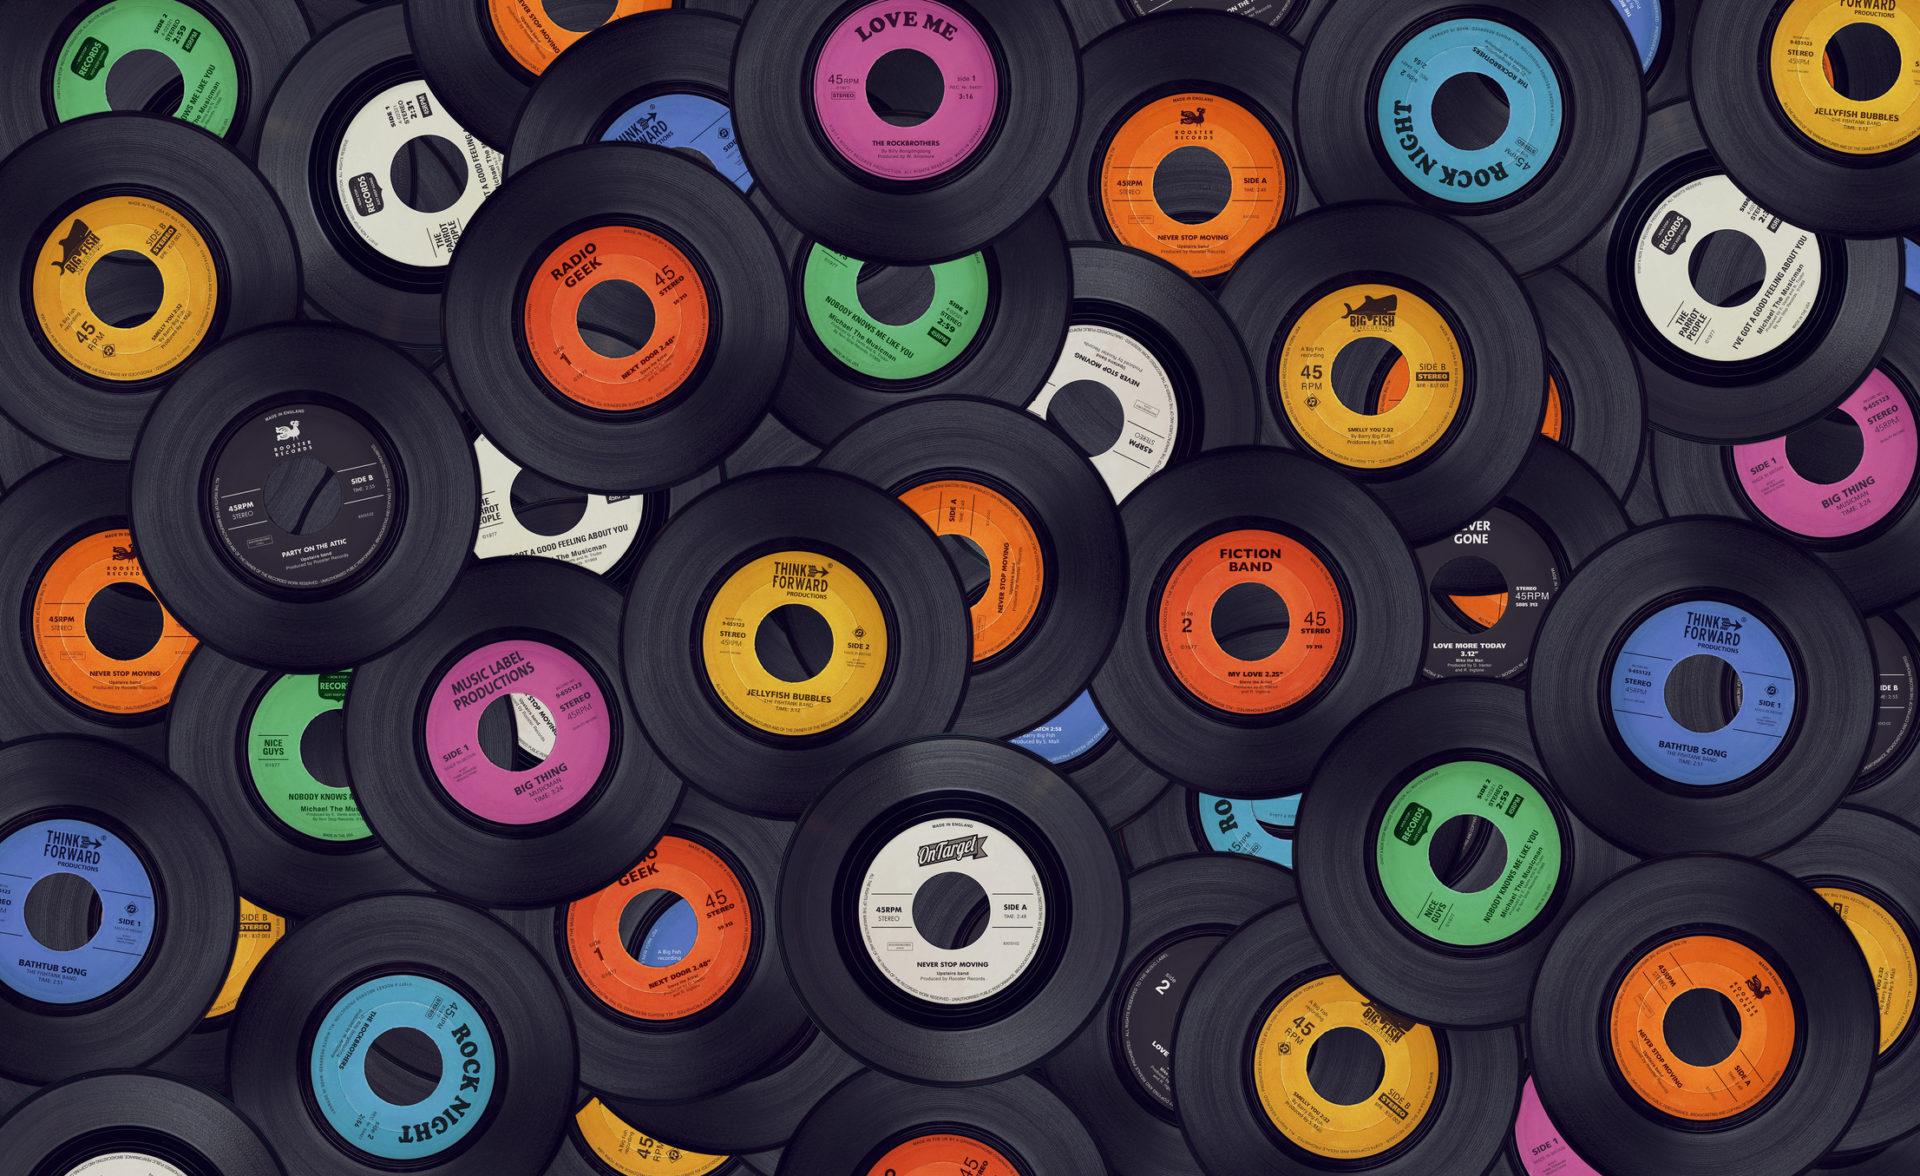 Paljon vanhoja lp-levyjä kasassa päällekäin